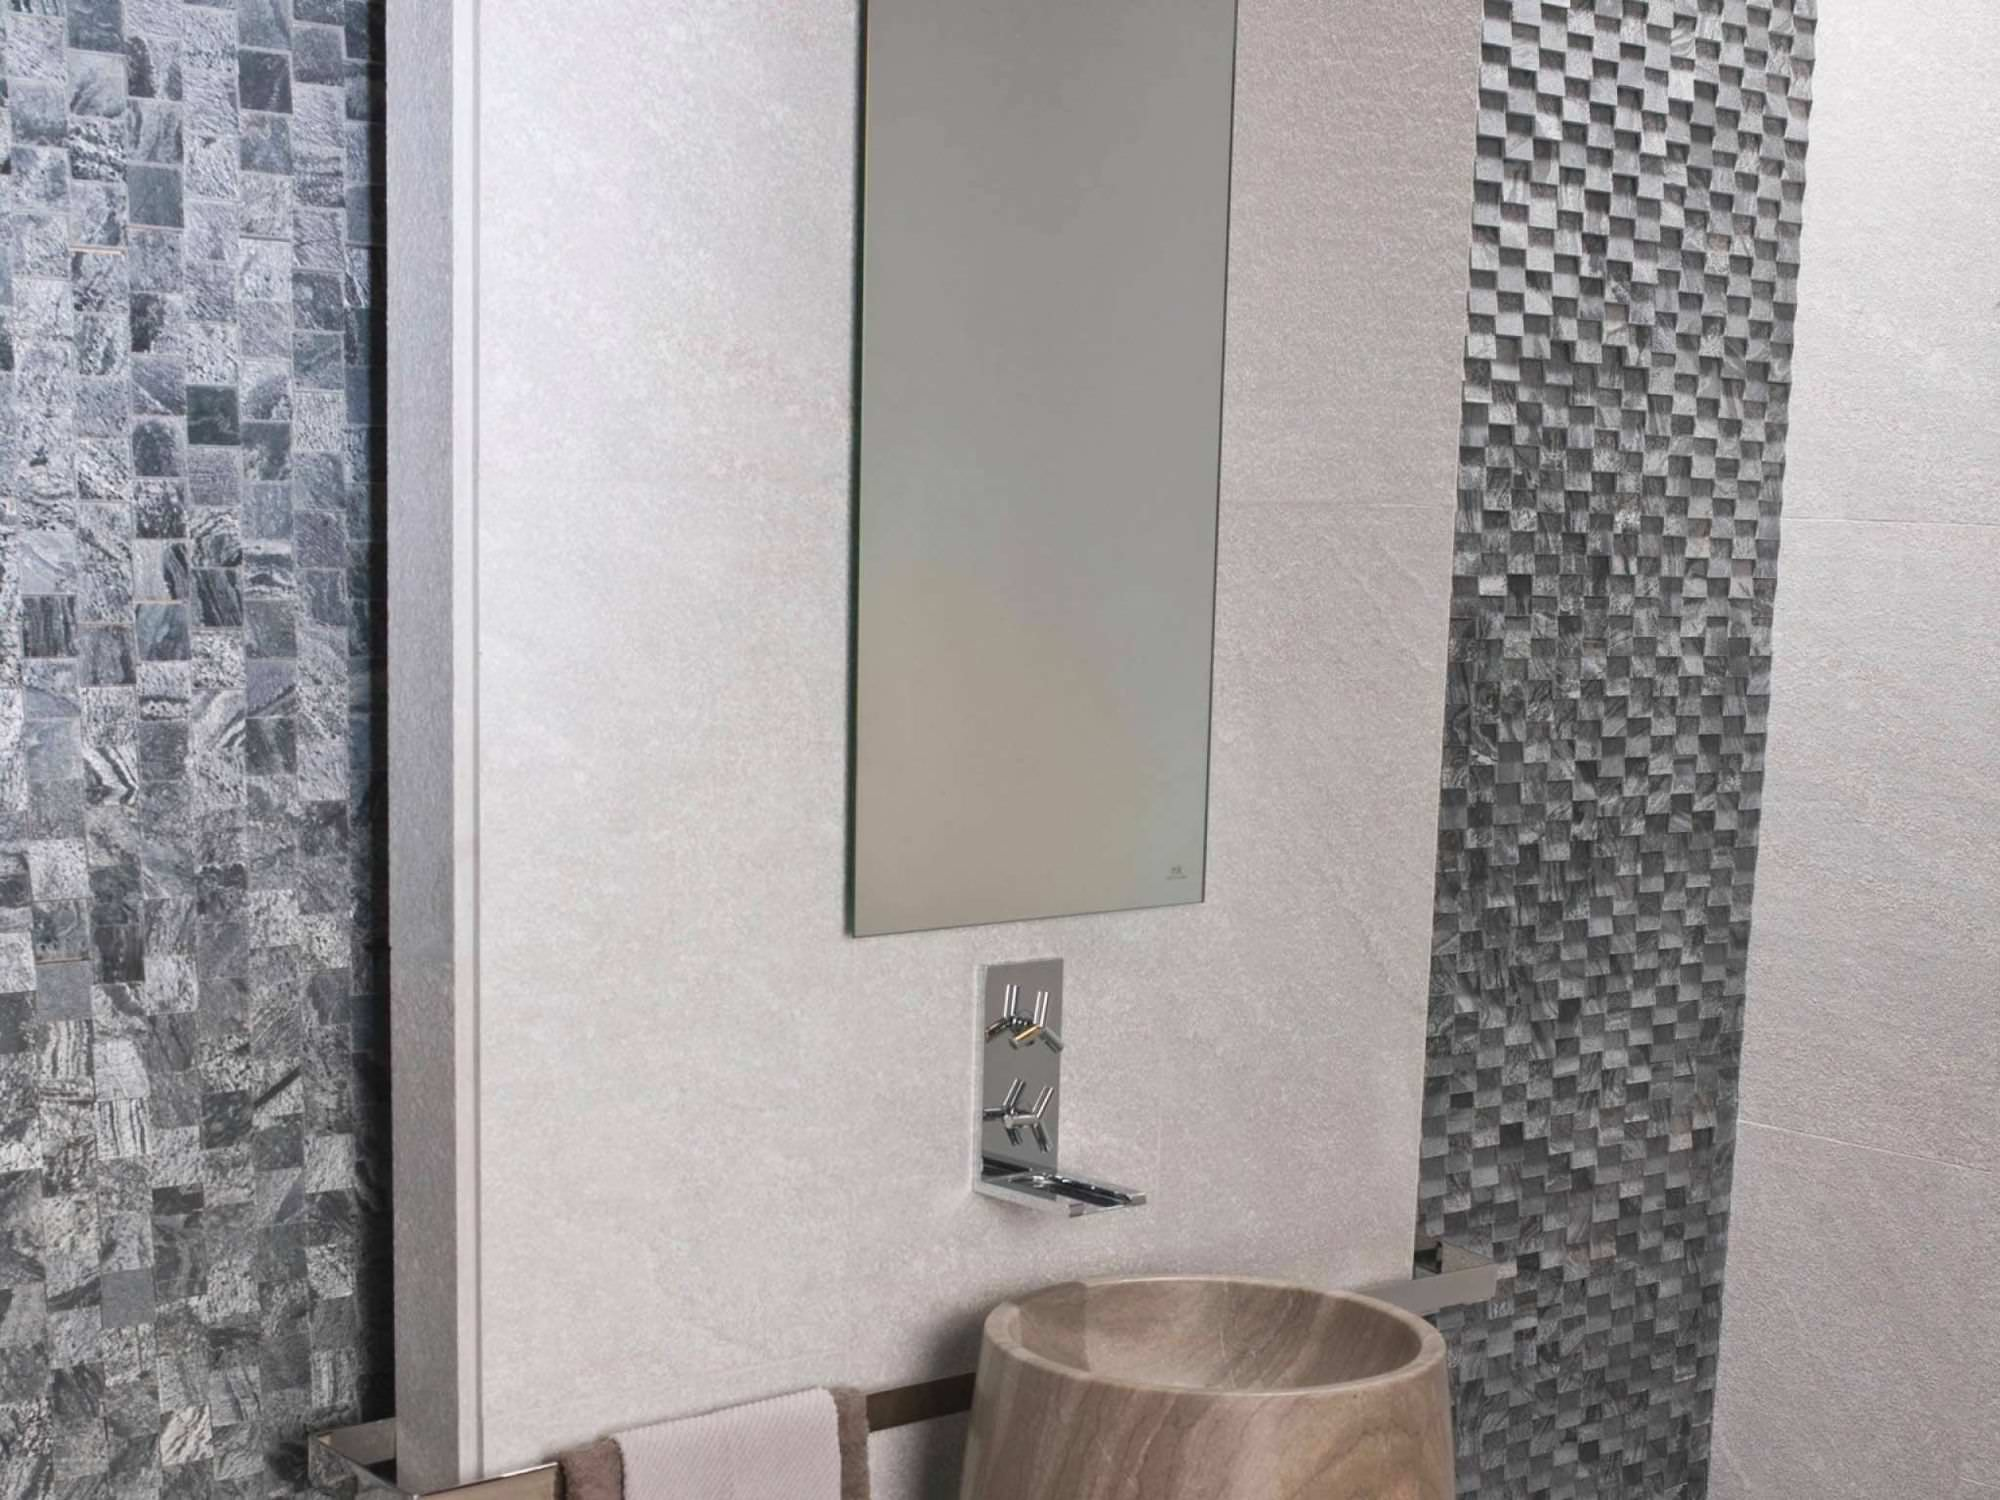 Innenbereich Fliesen / Für Badezimmer / Für Wände / Quarzit   CHENNAI WHITE  FLAMED HOME